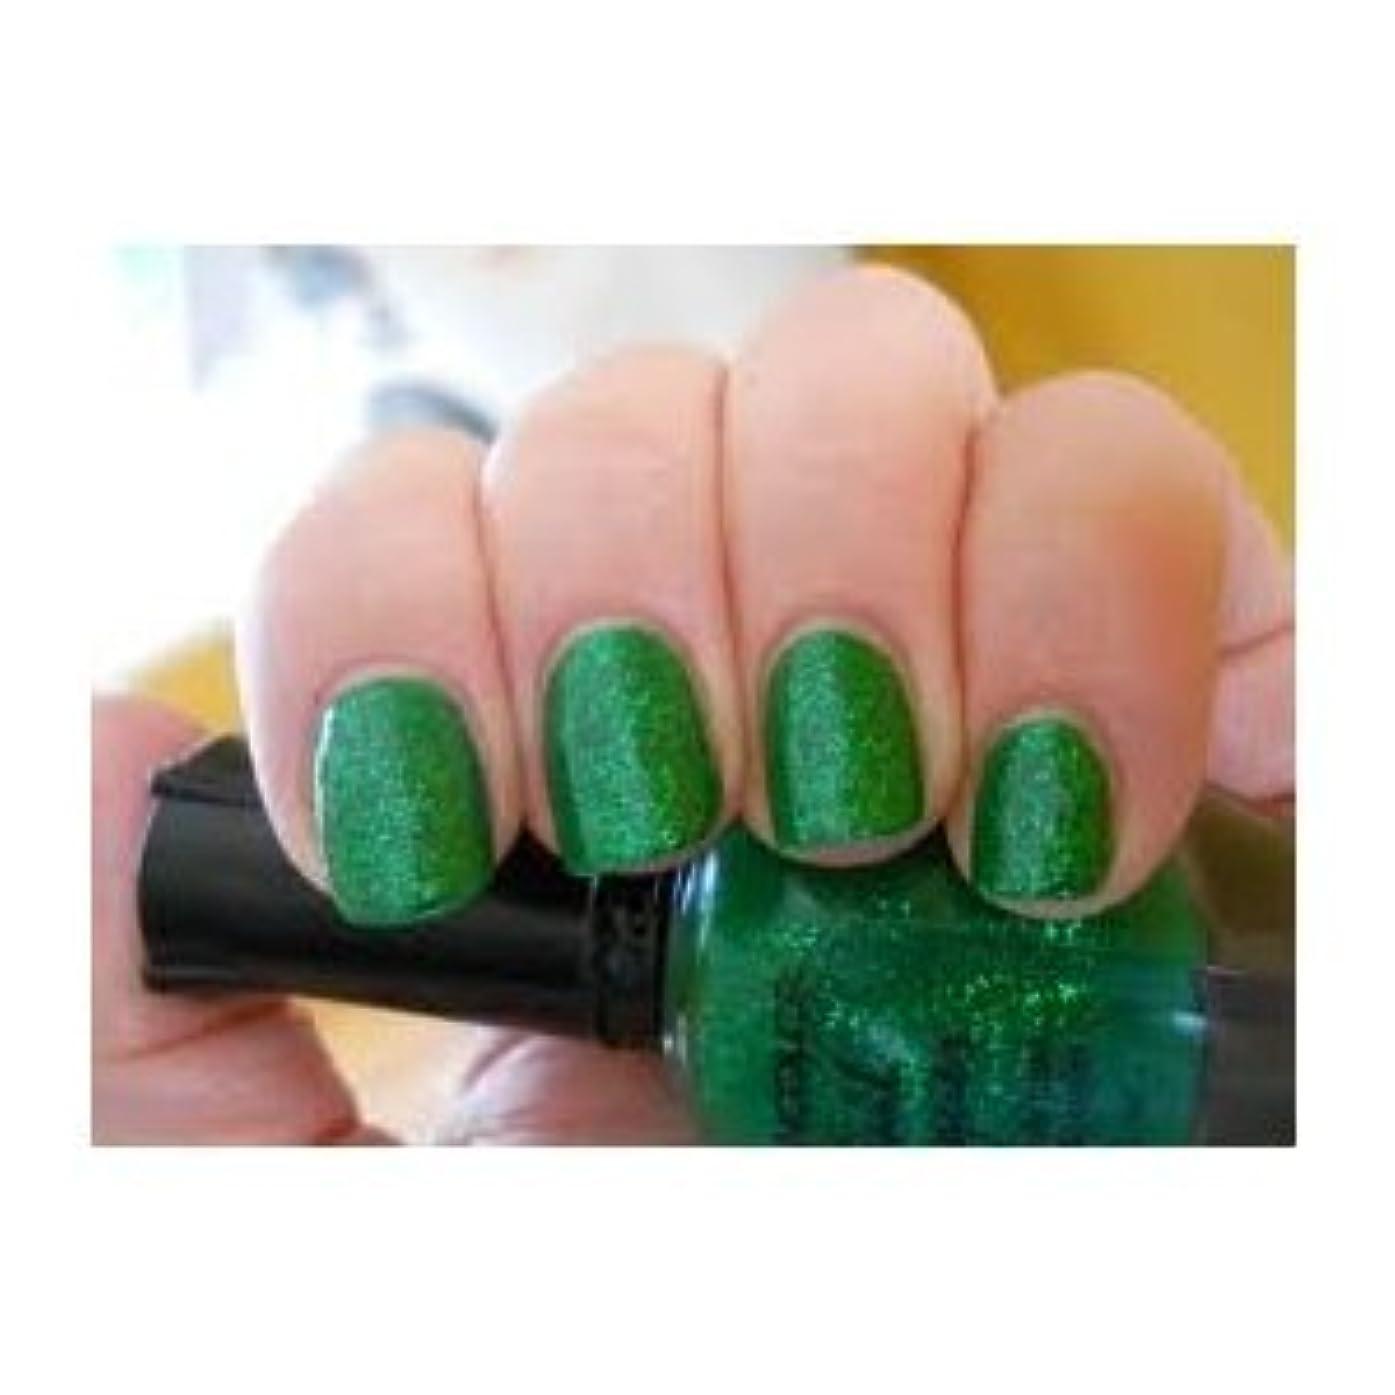 ハウジング精神医学いうKLEANCOLOR Nail Lacquer 2 - Green Grass (並行輸入品)